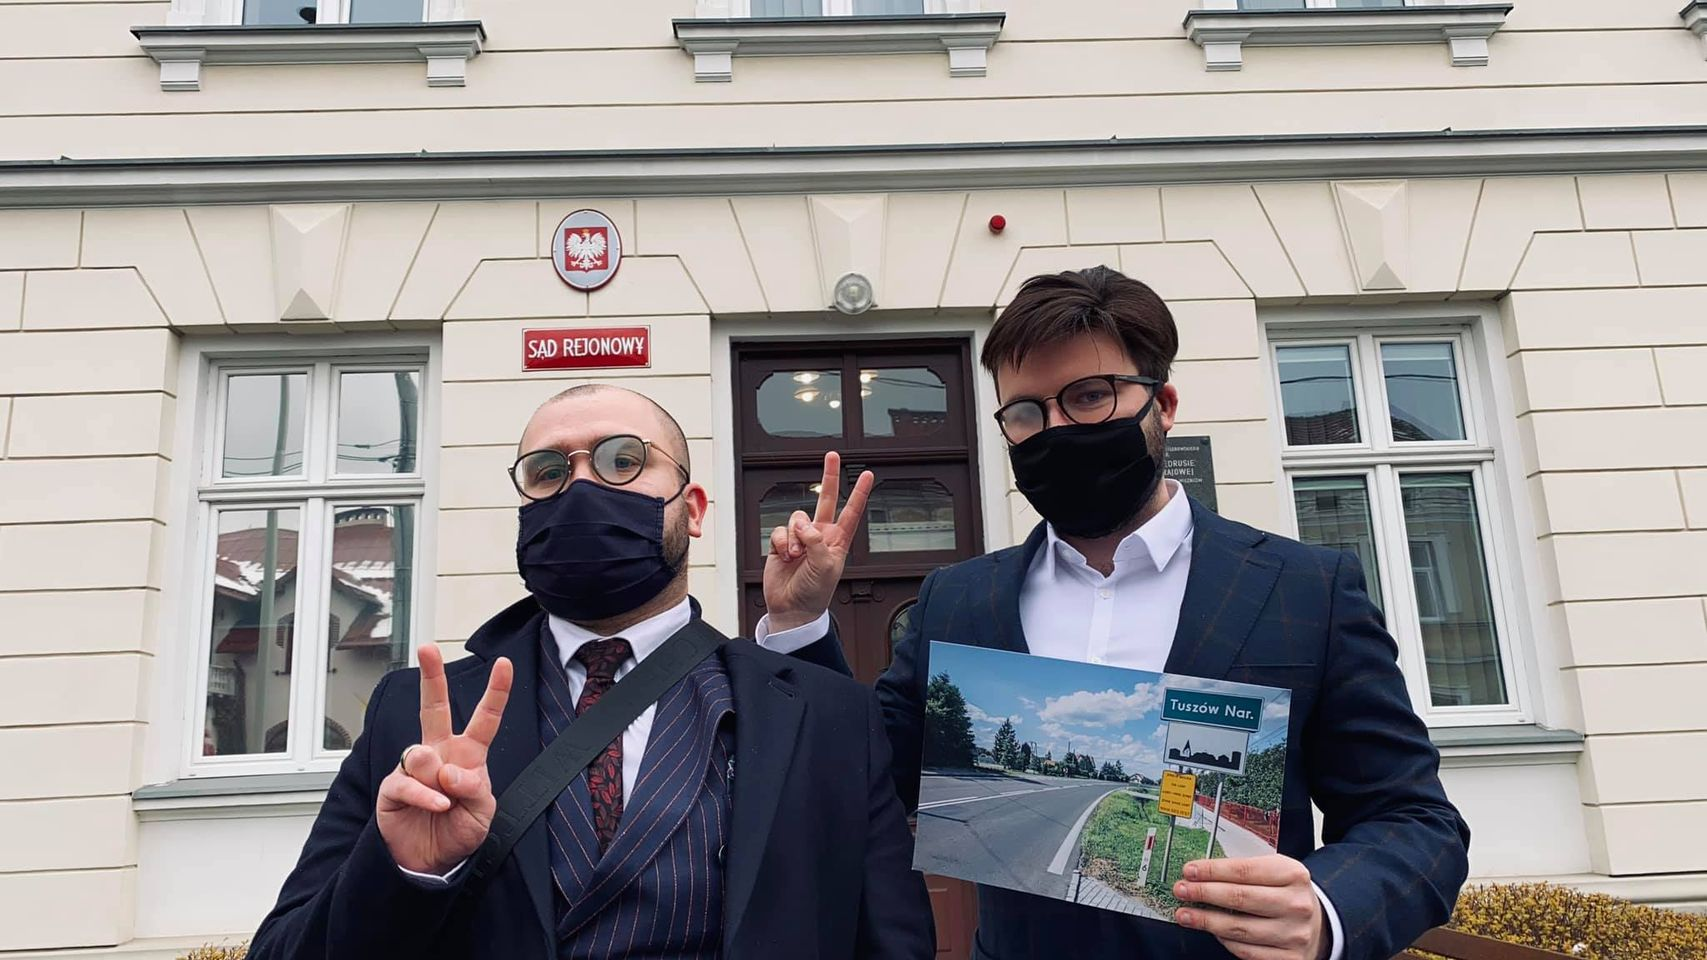 Bart Staszewski kontra gmina Tuszów Narodowy. Sąd zdecydował [WYWIAD Z AKTYWISTĄ] - Zdjęcie główne